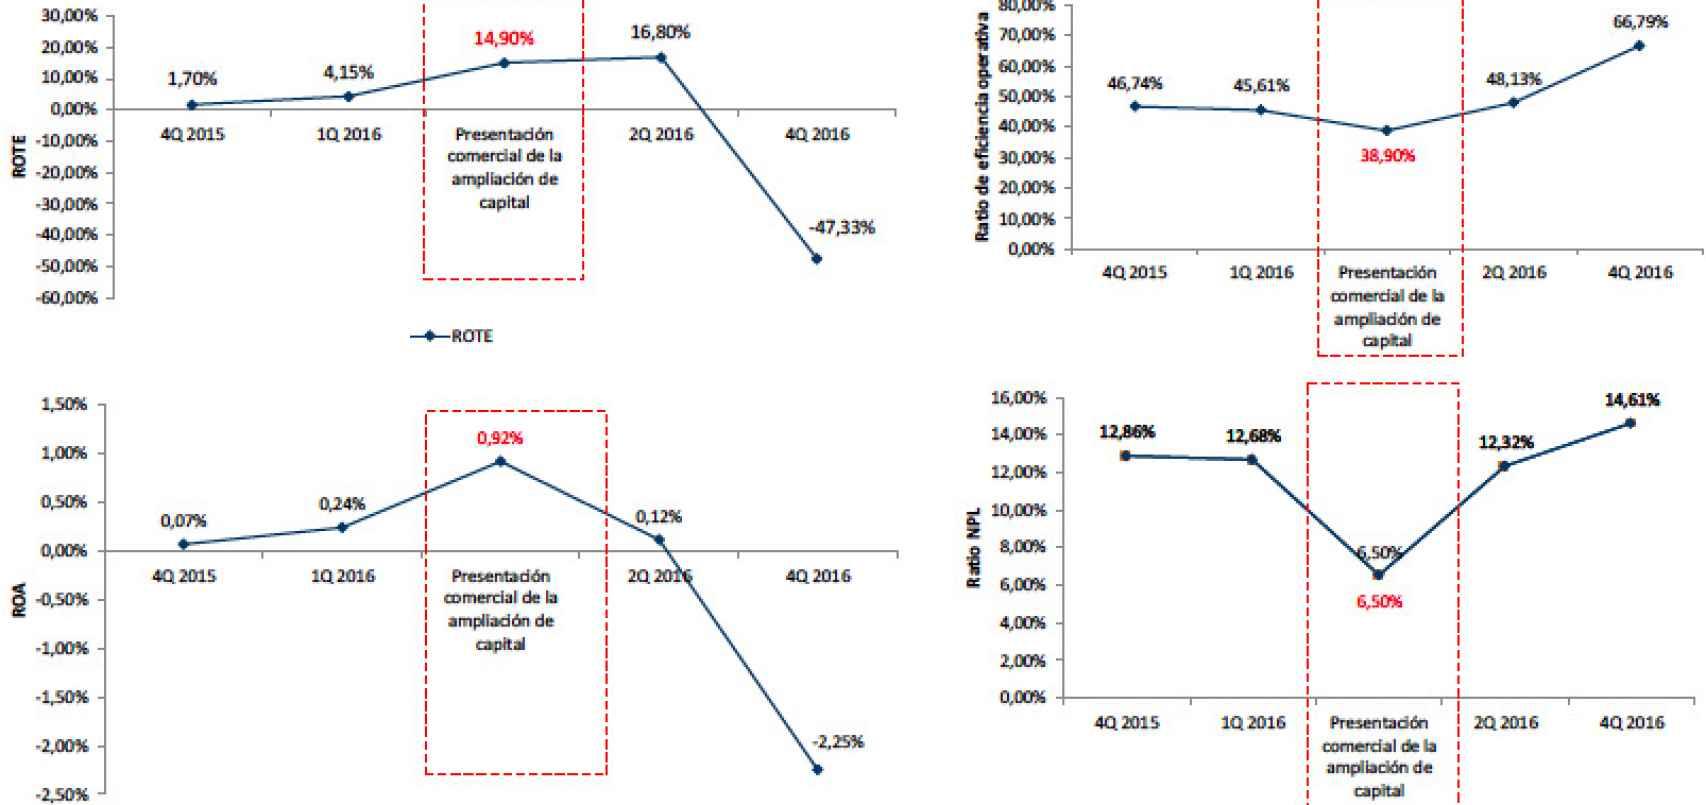 Evolución de las principales ratios presentadas en la presentación comercial.